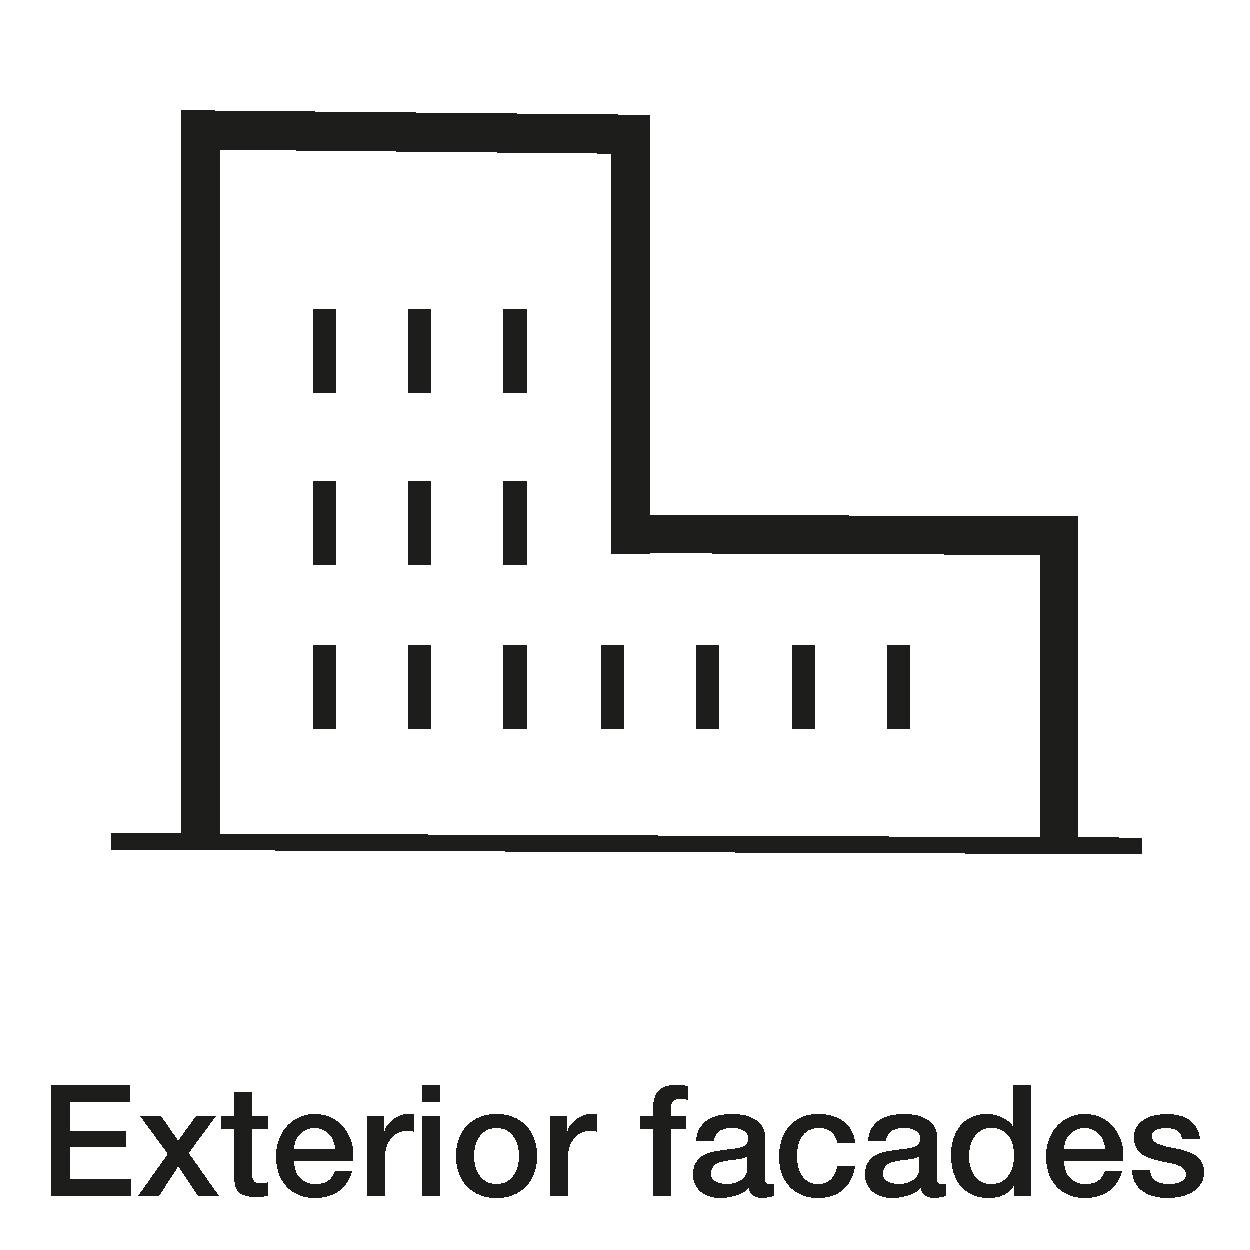 Exterior facades